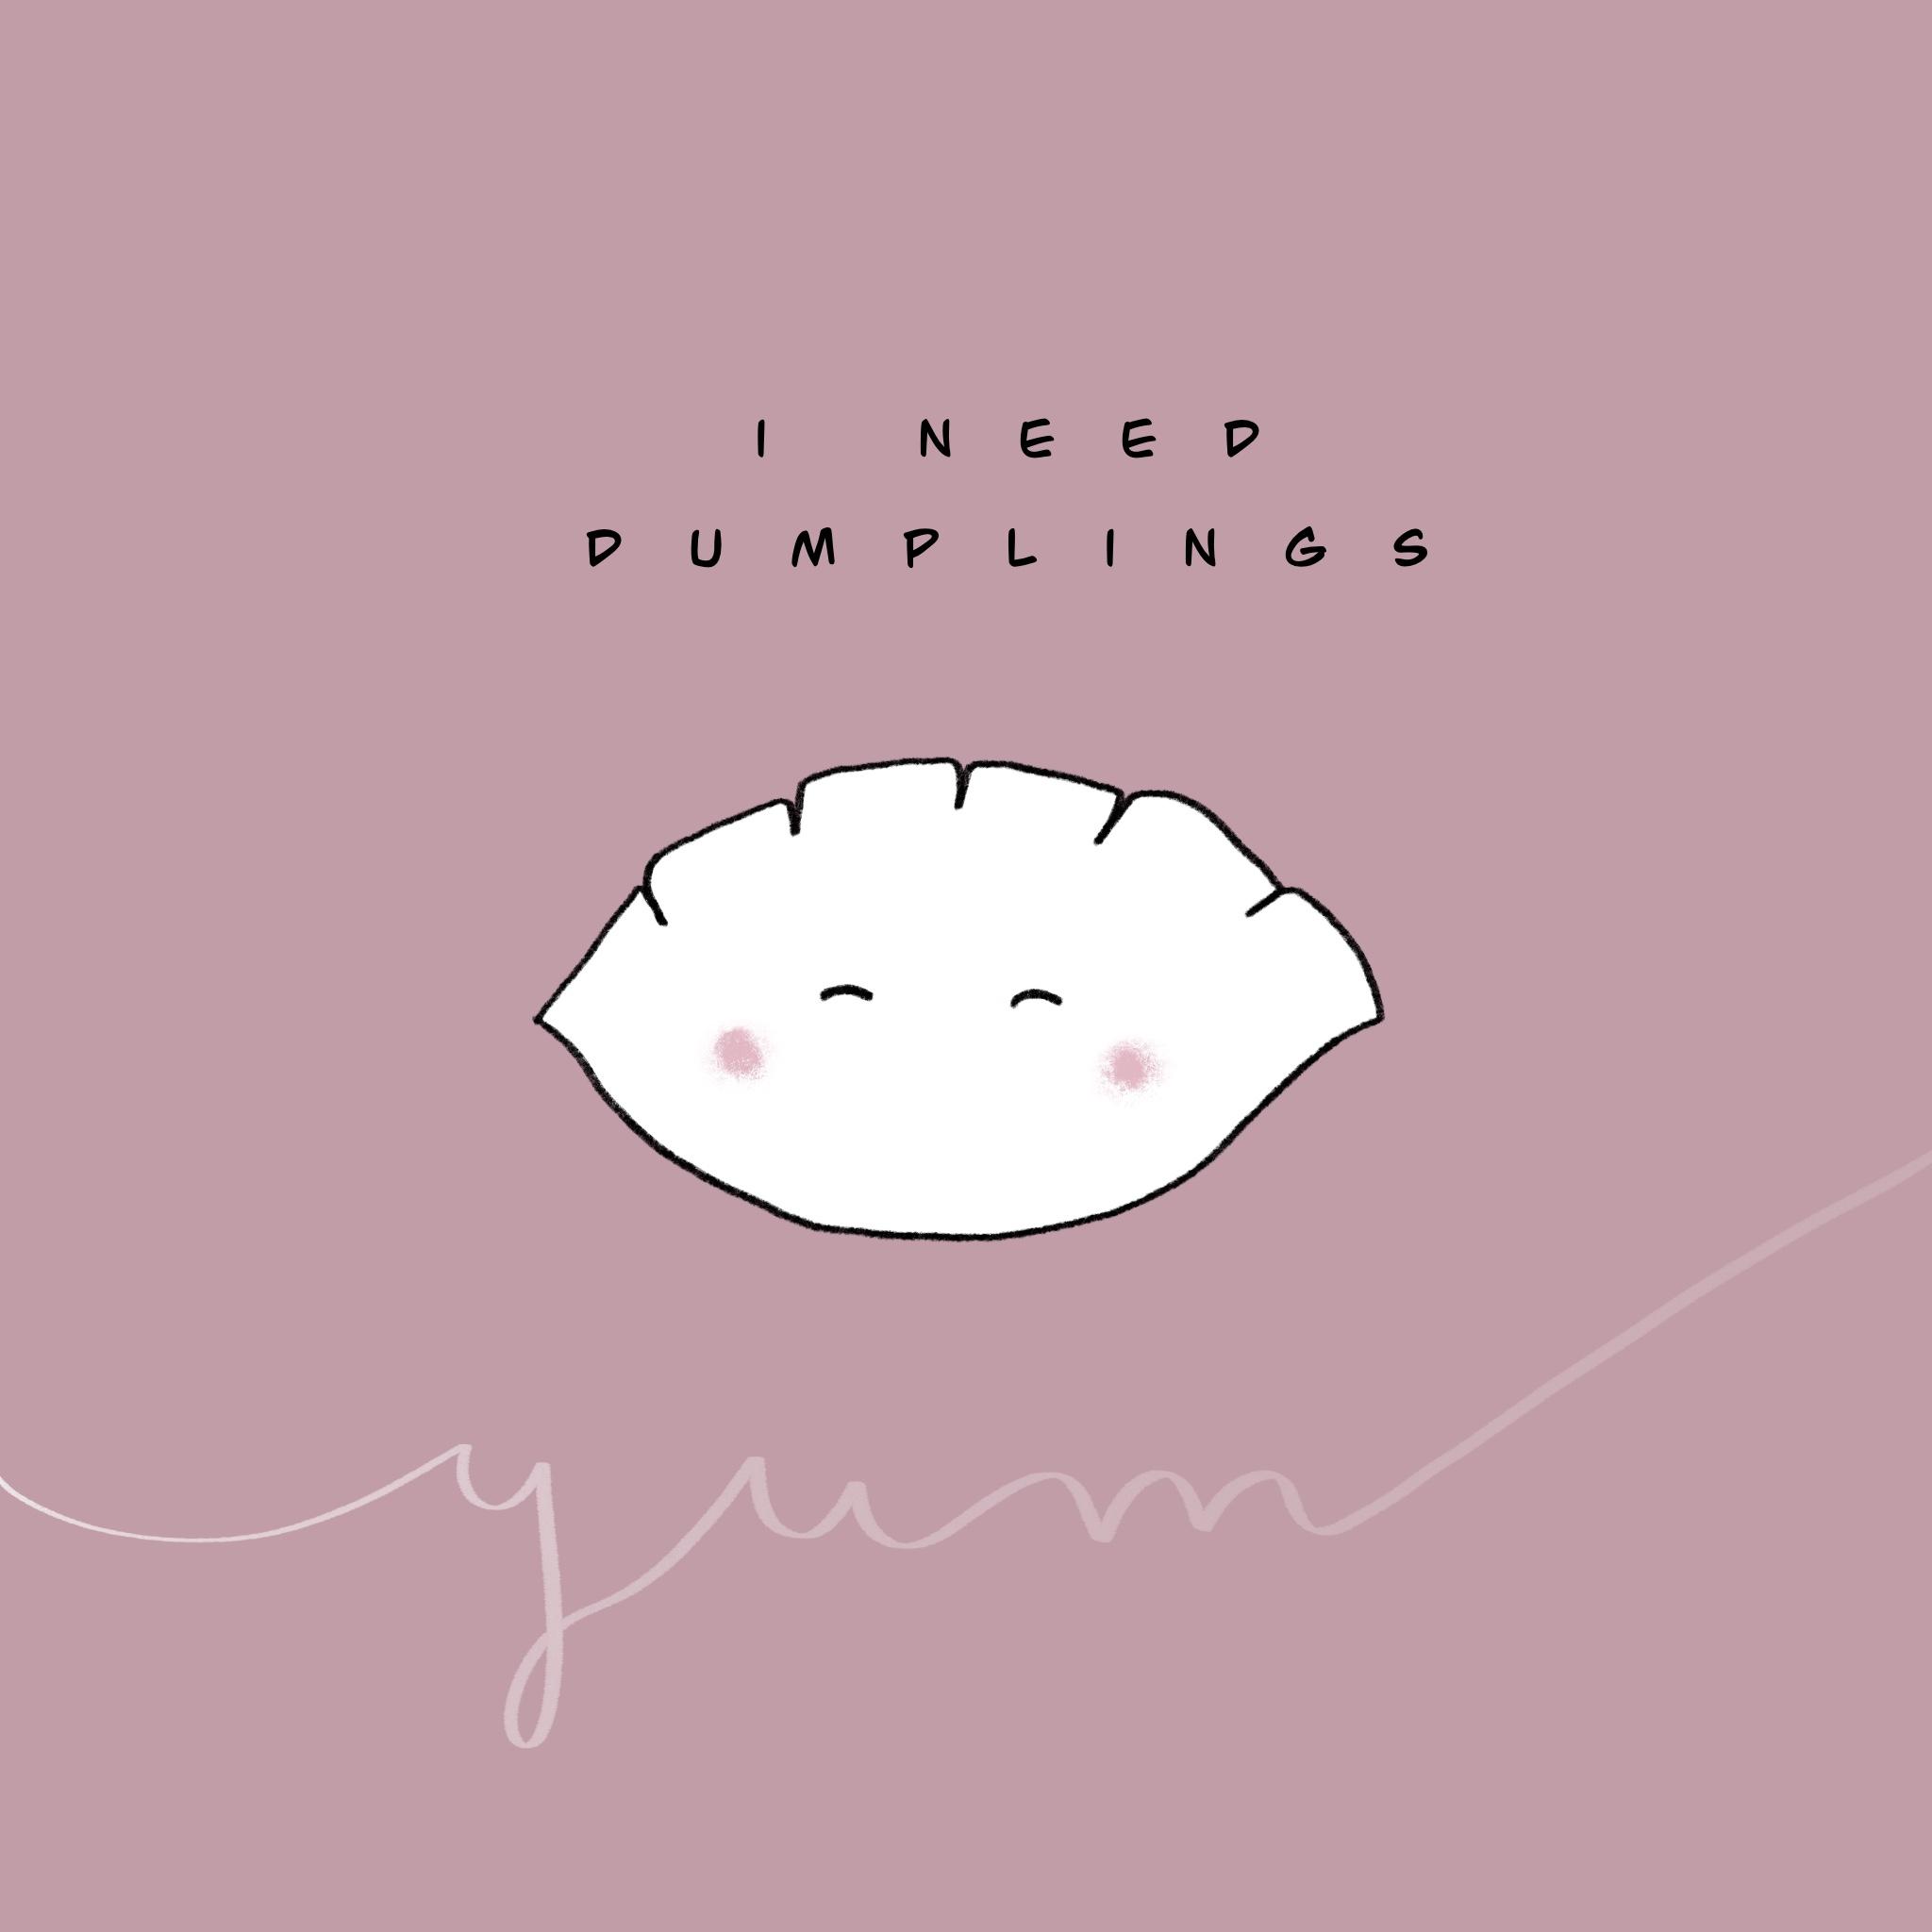 Dumplings all day long!